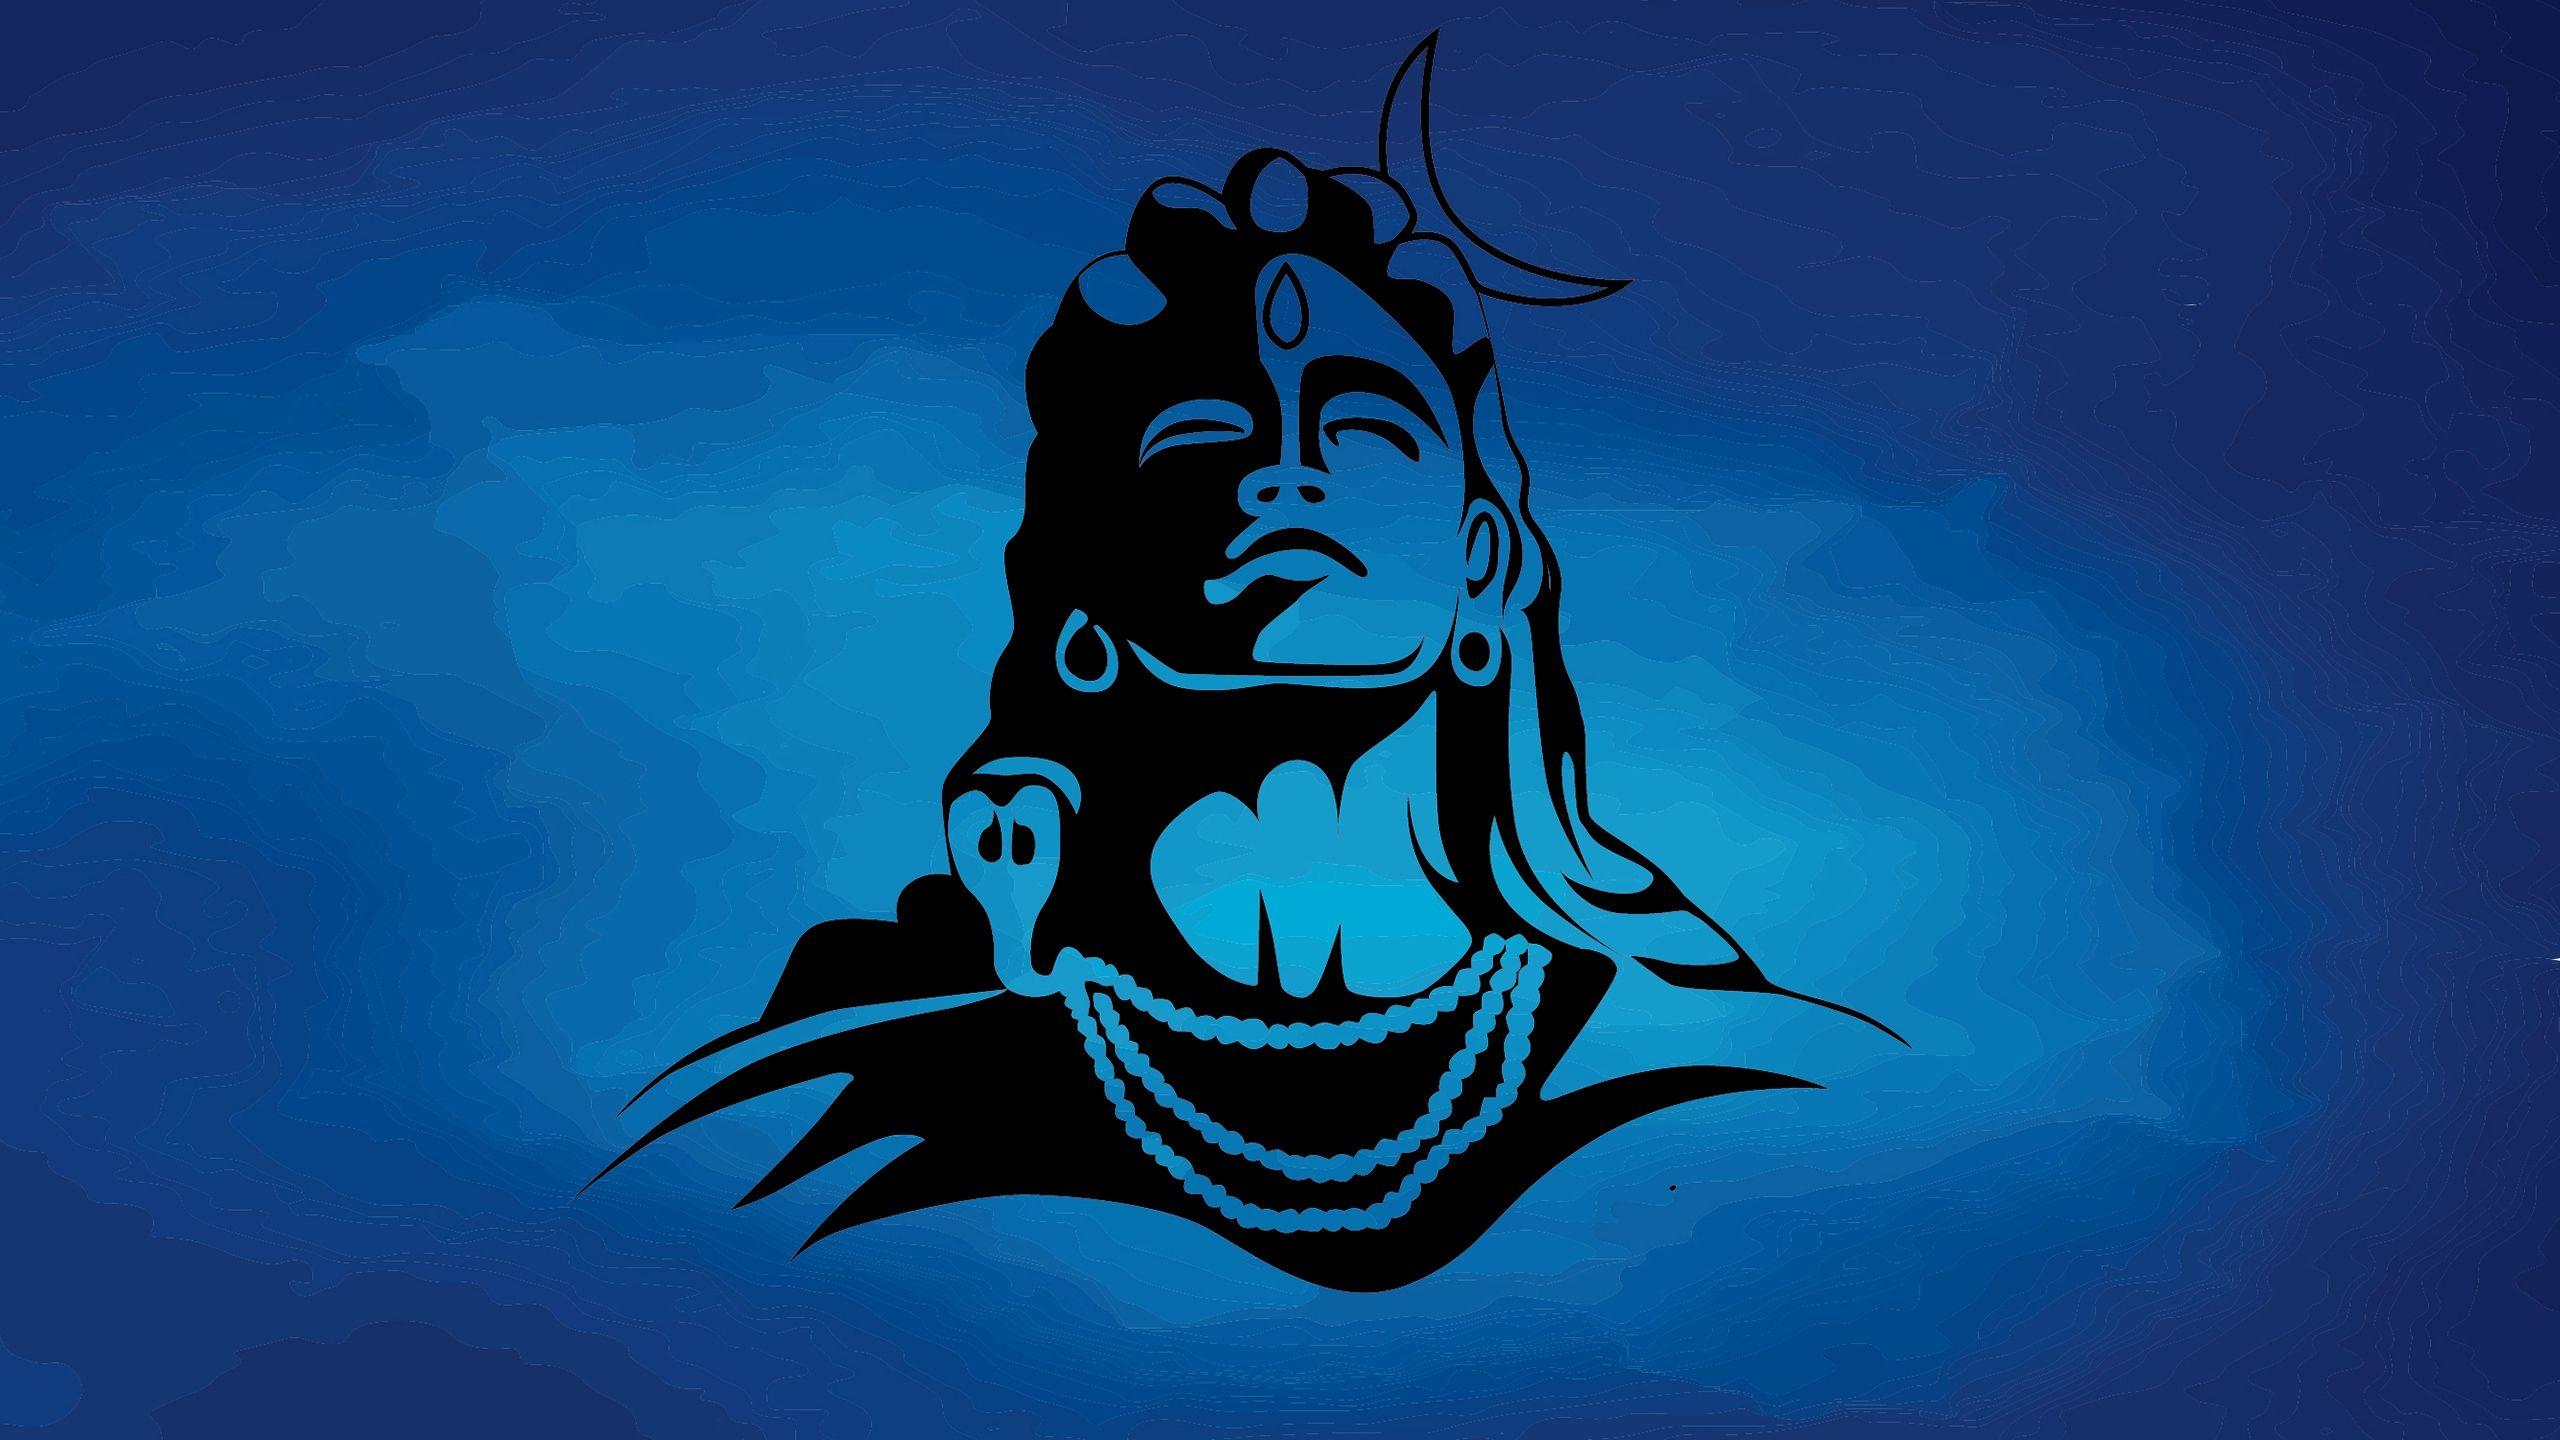 Pc Wallpaper 4k Lord Shiva Trick Lord Shiva Hd Wallpaper 4k Wallpapers For Pc Hd Wallpapers For Pc